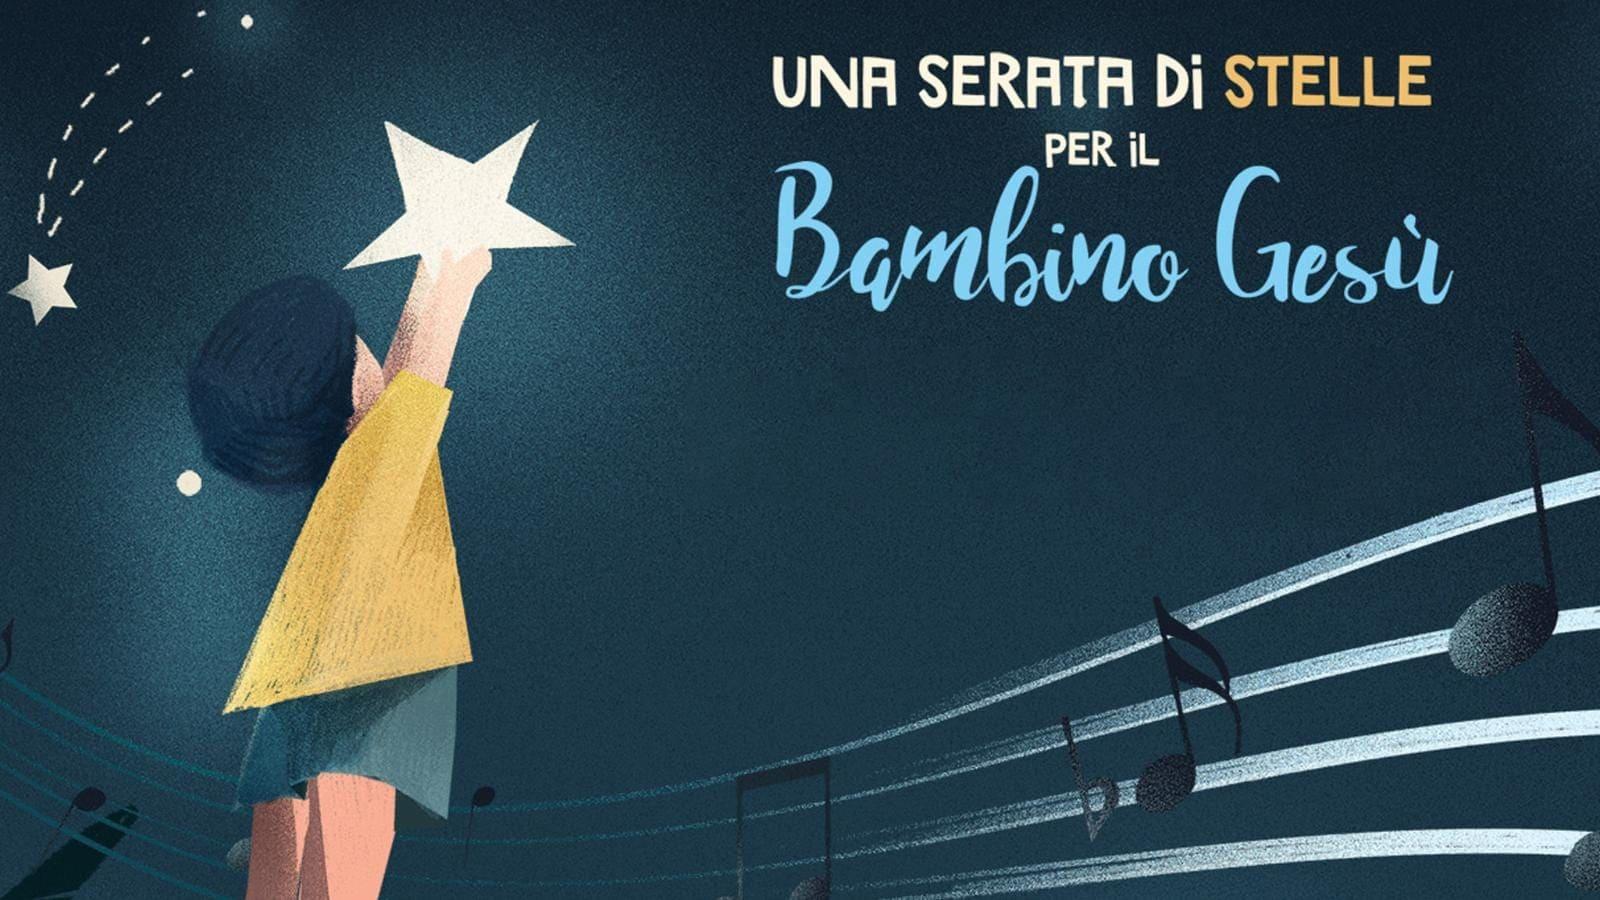 Rai 1 Una serata di stelle per il Bambino Gesù